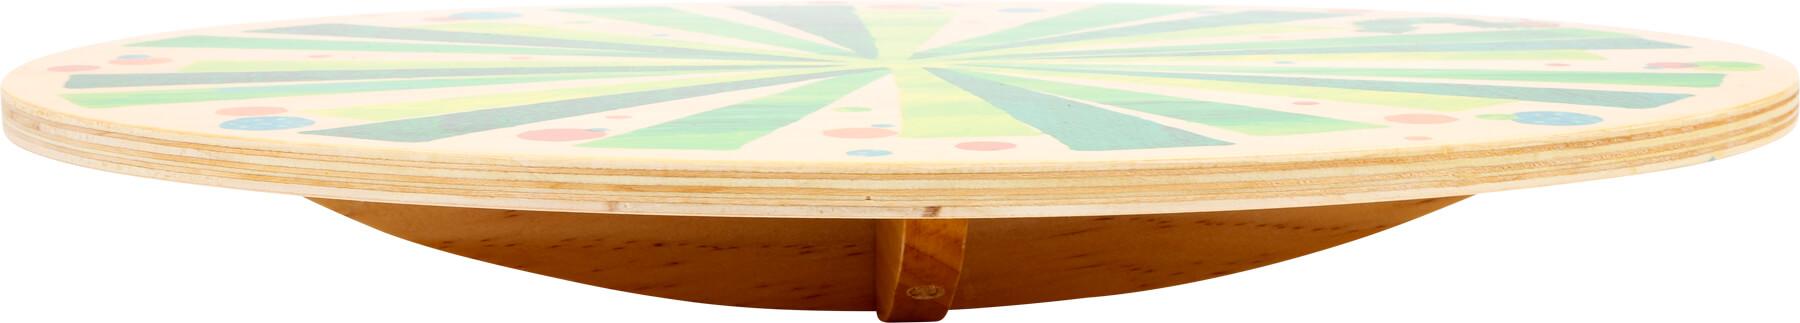 Racine Legler 2020 - Planche d'équilibre - la chenille qui fait des trous